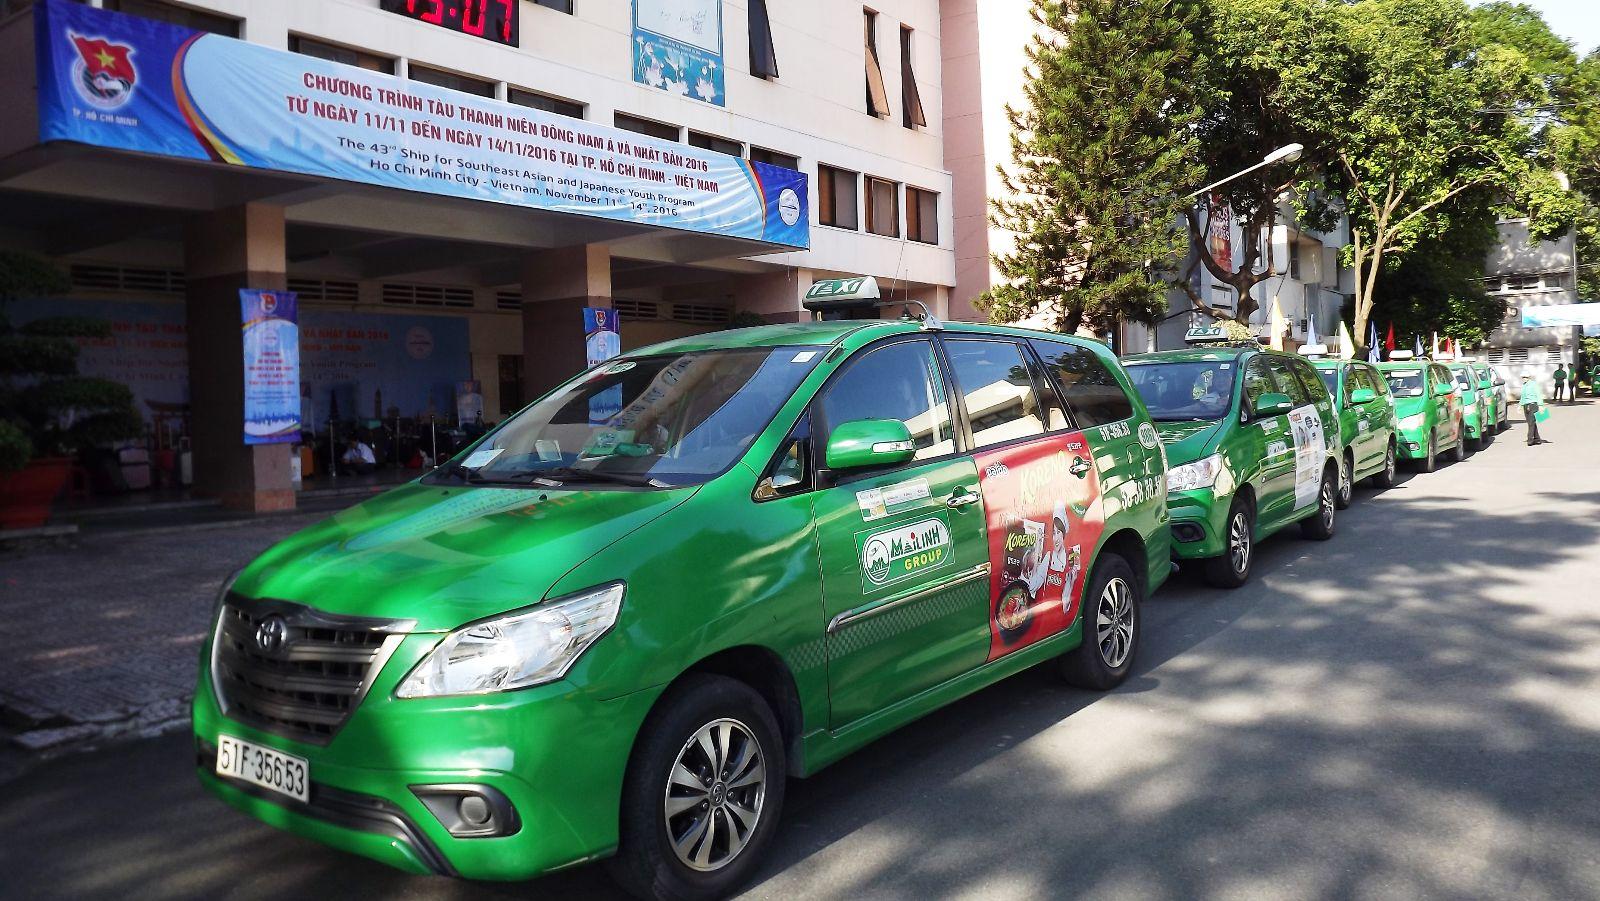 Danh bạ các hãng taxi tại Hà Nội